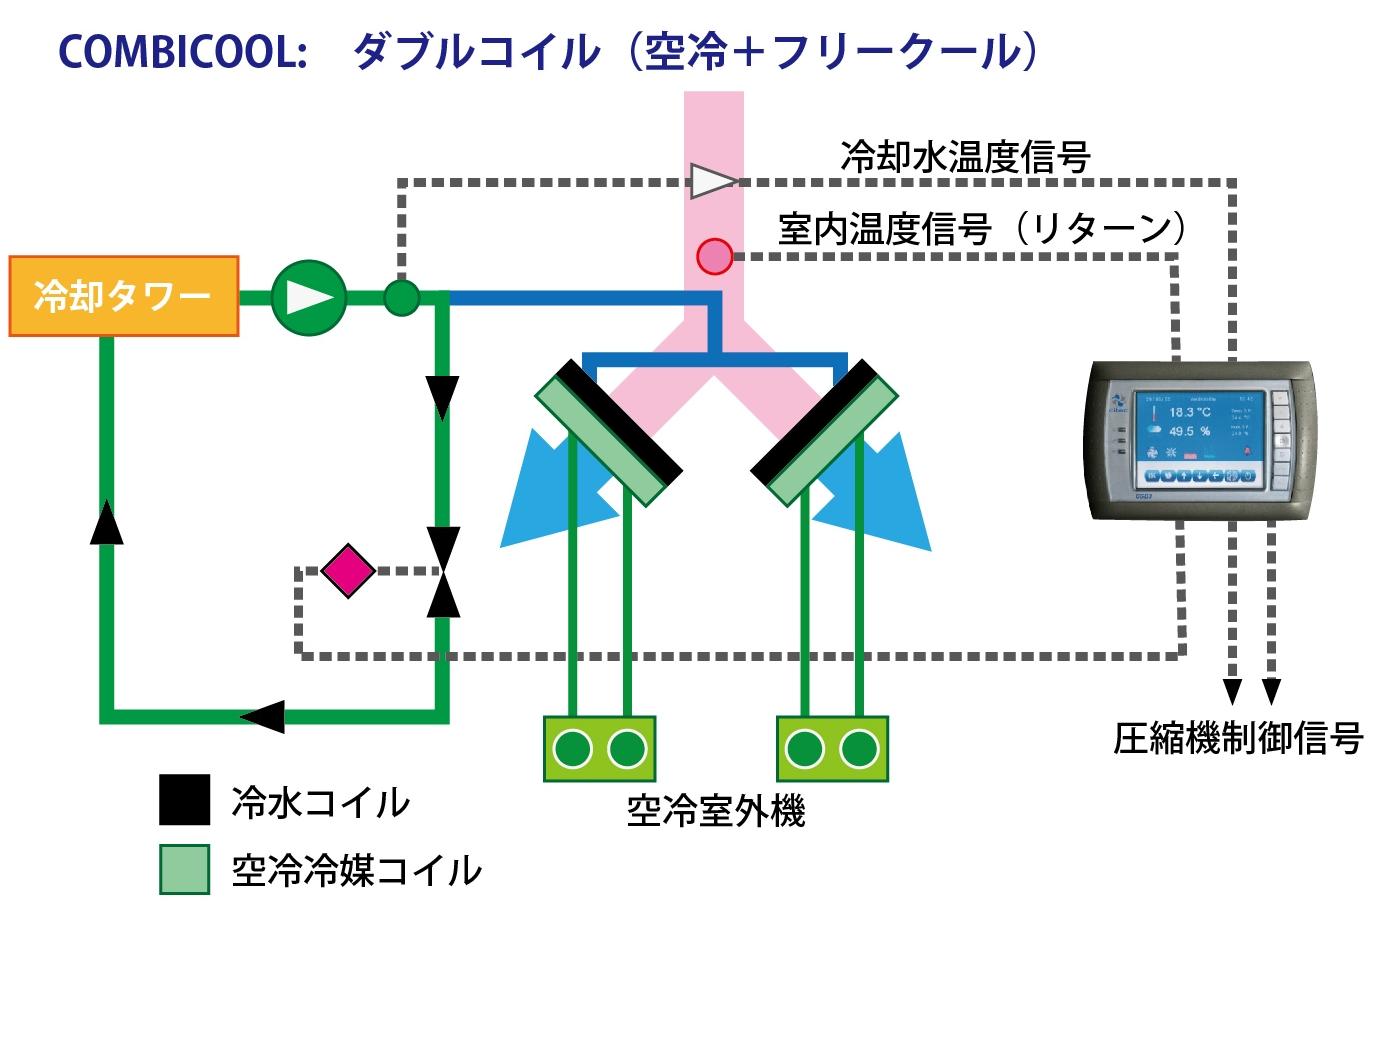 省エネ空調システム combicool